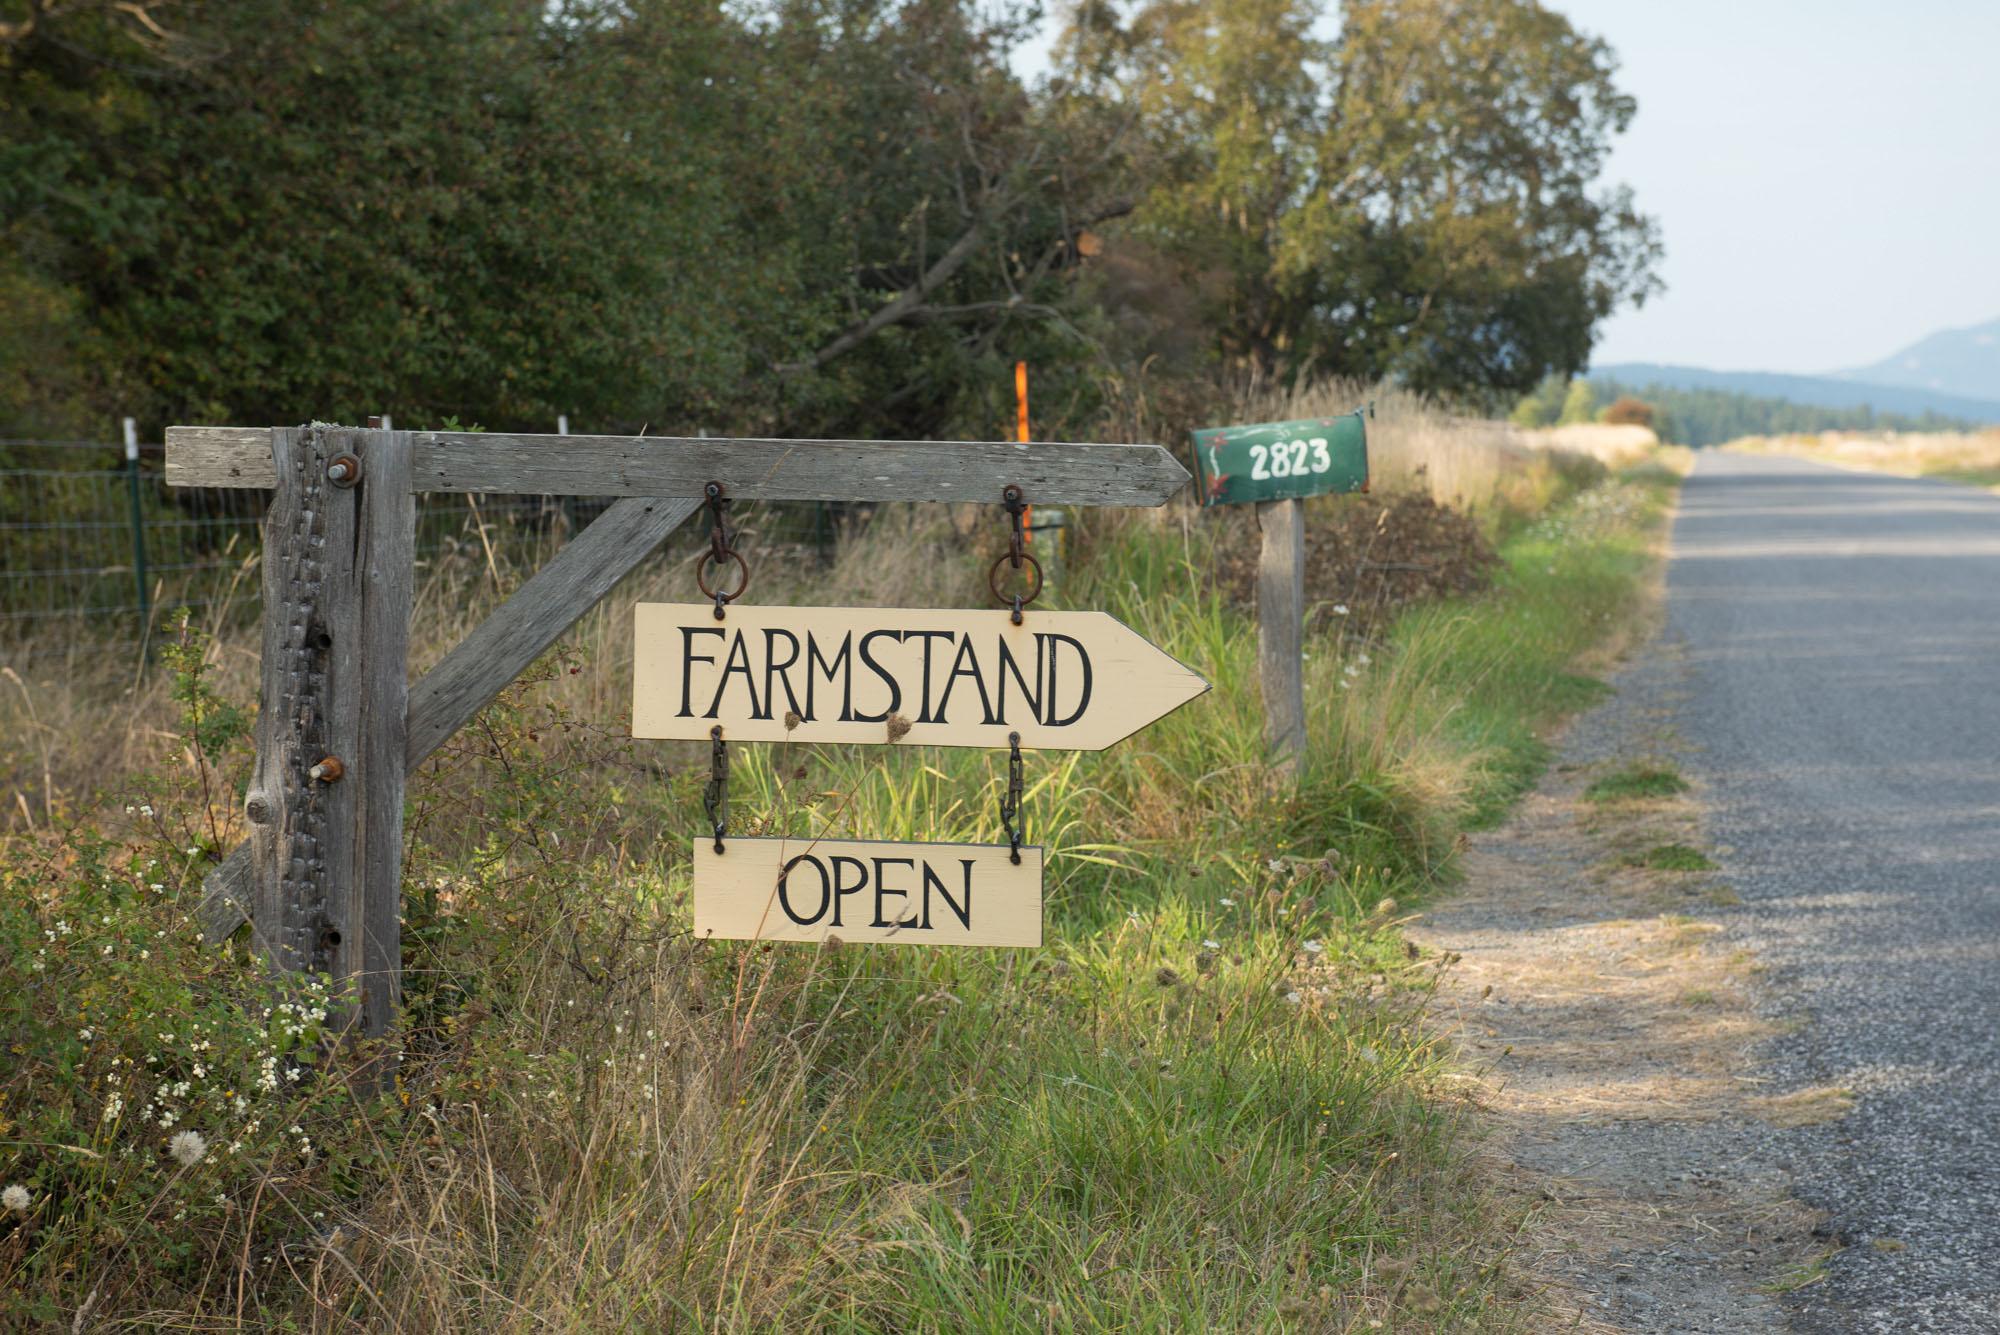 Horse Drawn Farm